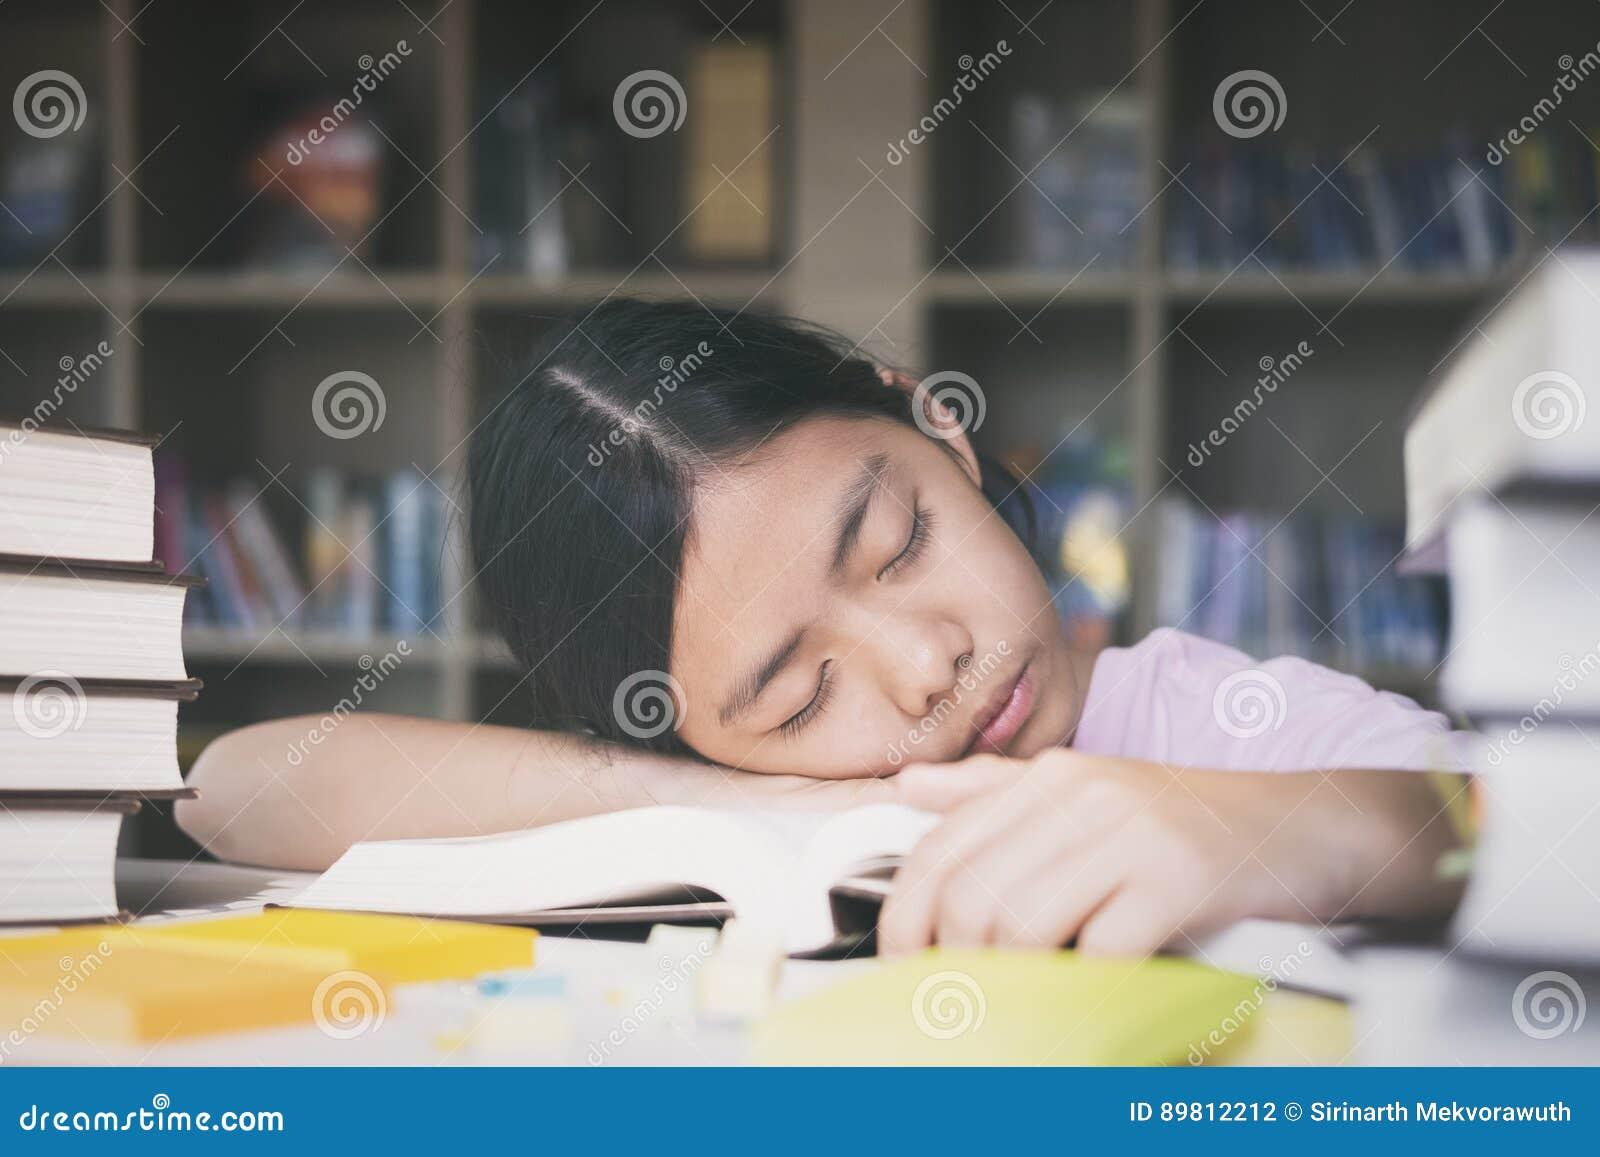 Utbildning, period, examina och skolabegrepp